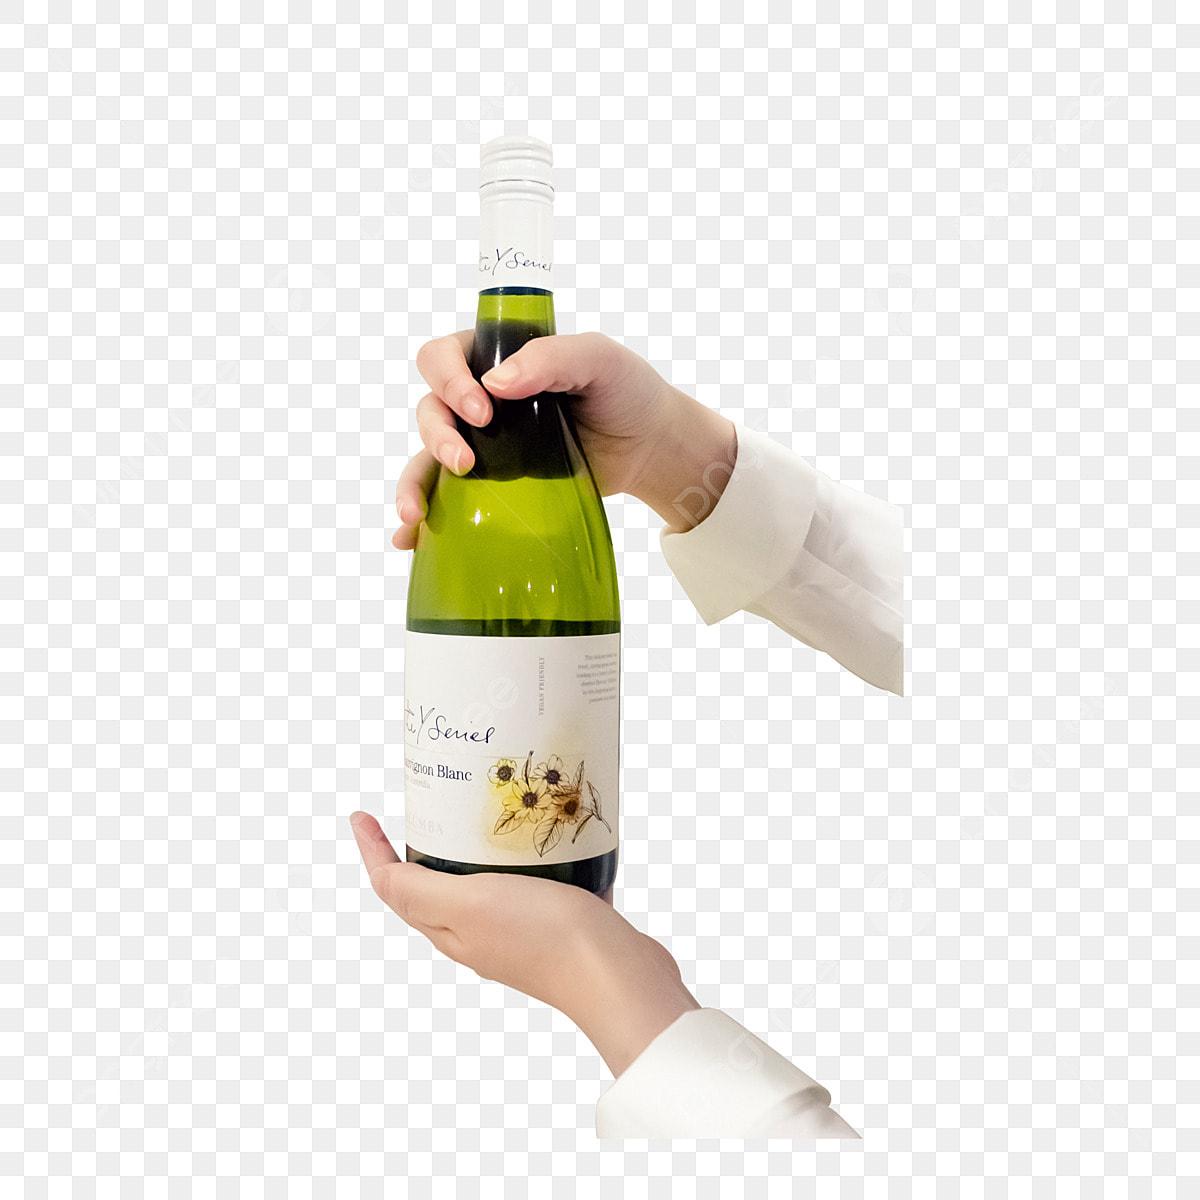 Tangan Memegang Minuman Botol Bir Dalam Minuman Tangan Wain Botol